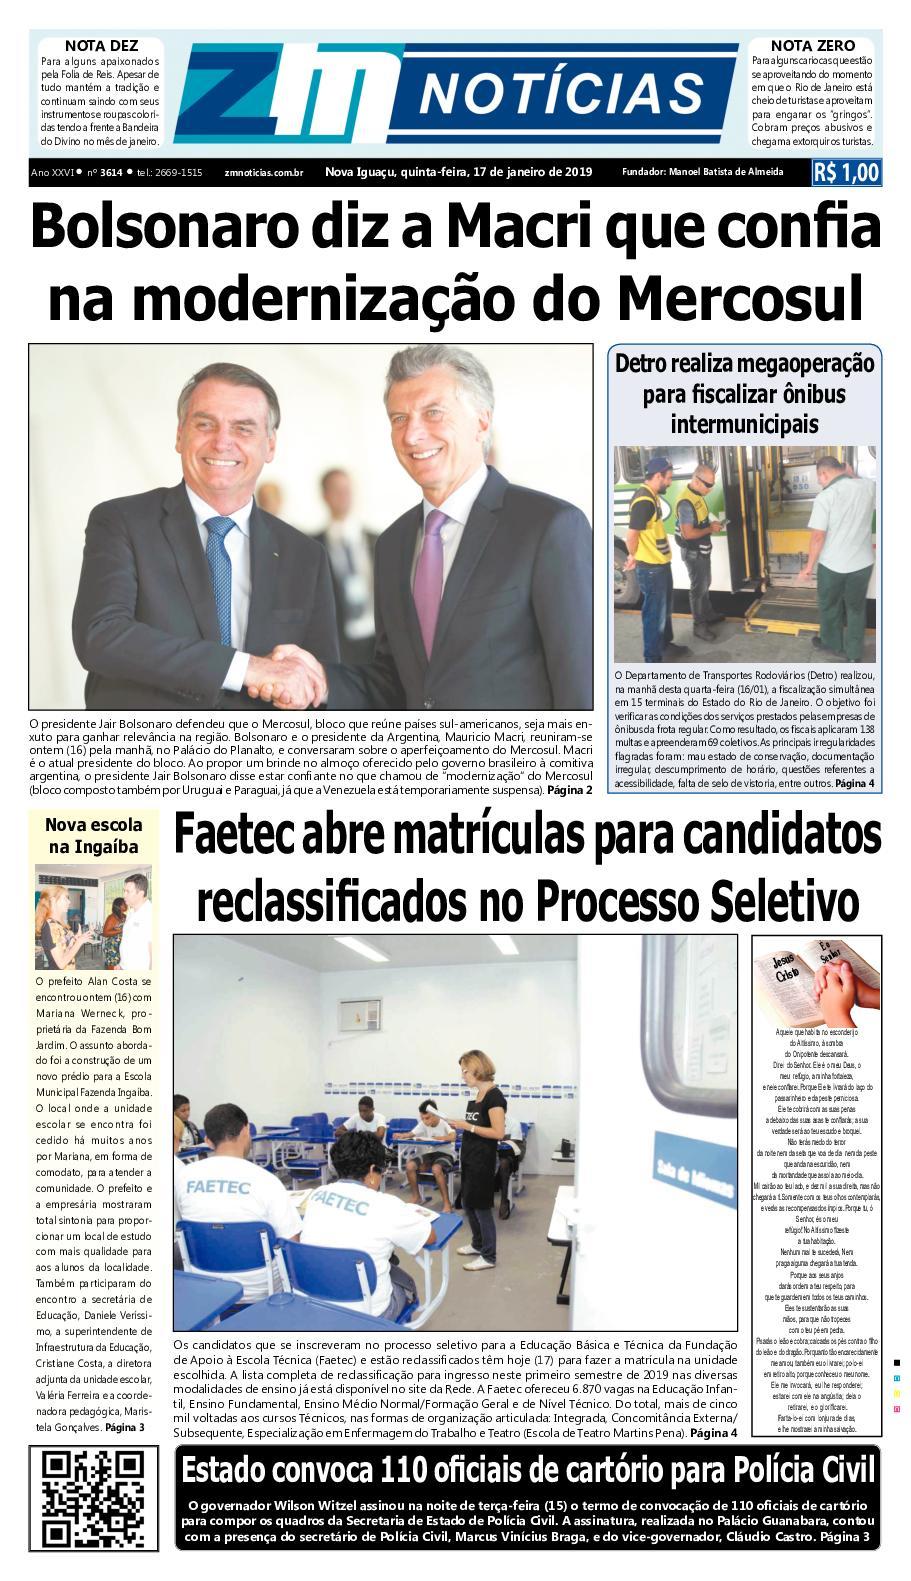 Zm Noticias Edição 170119